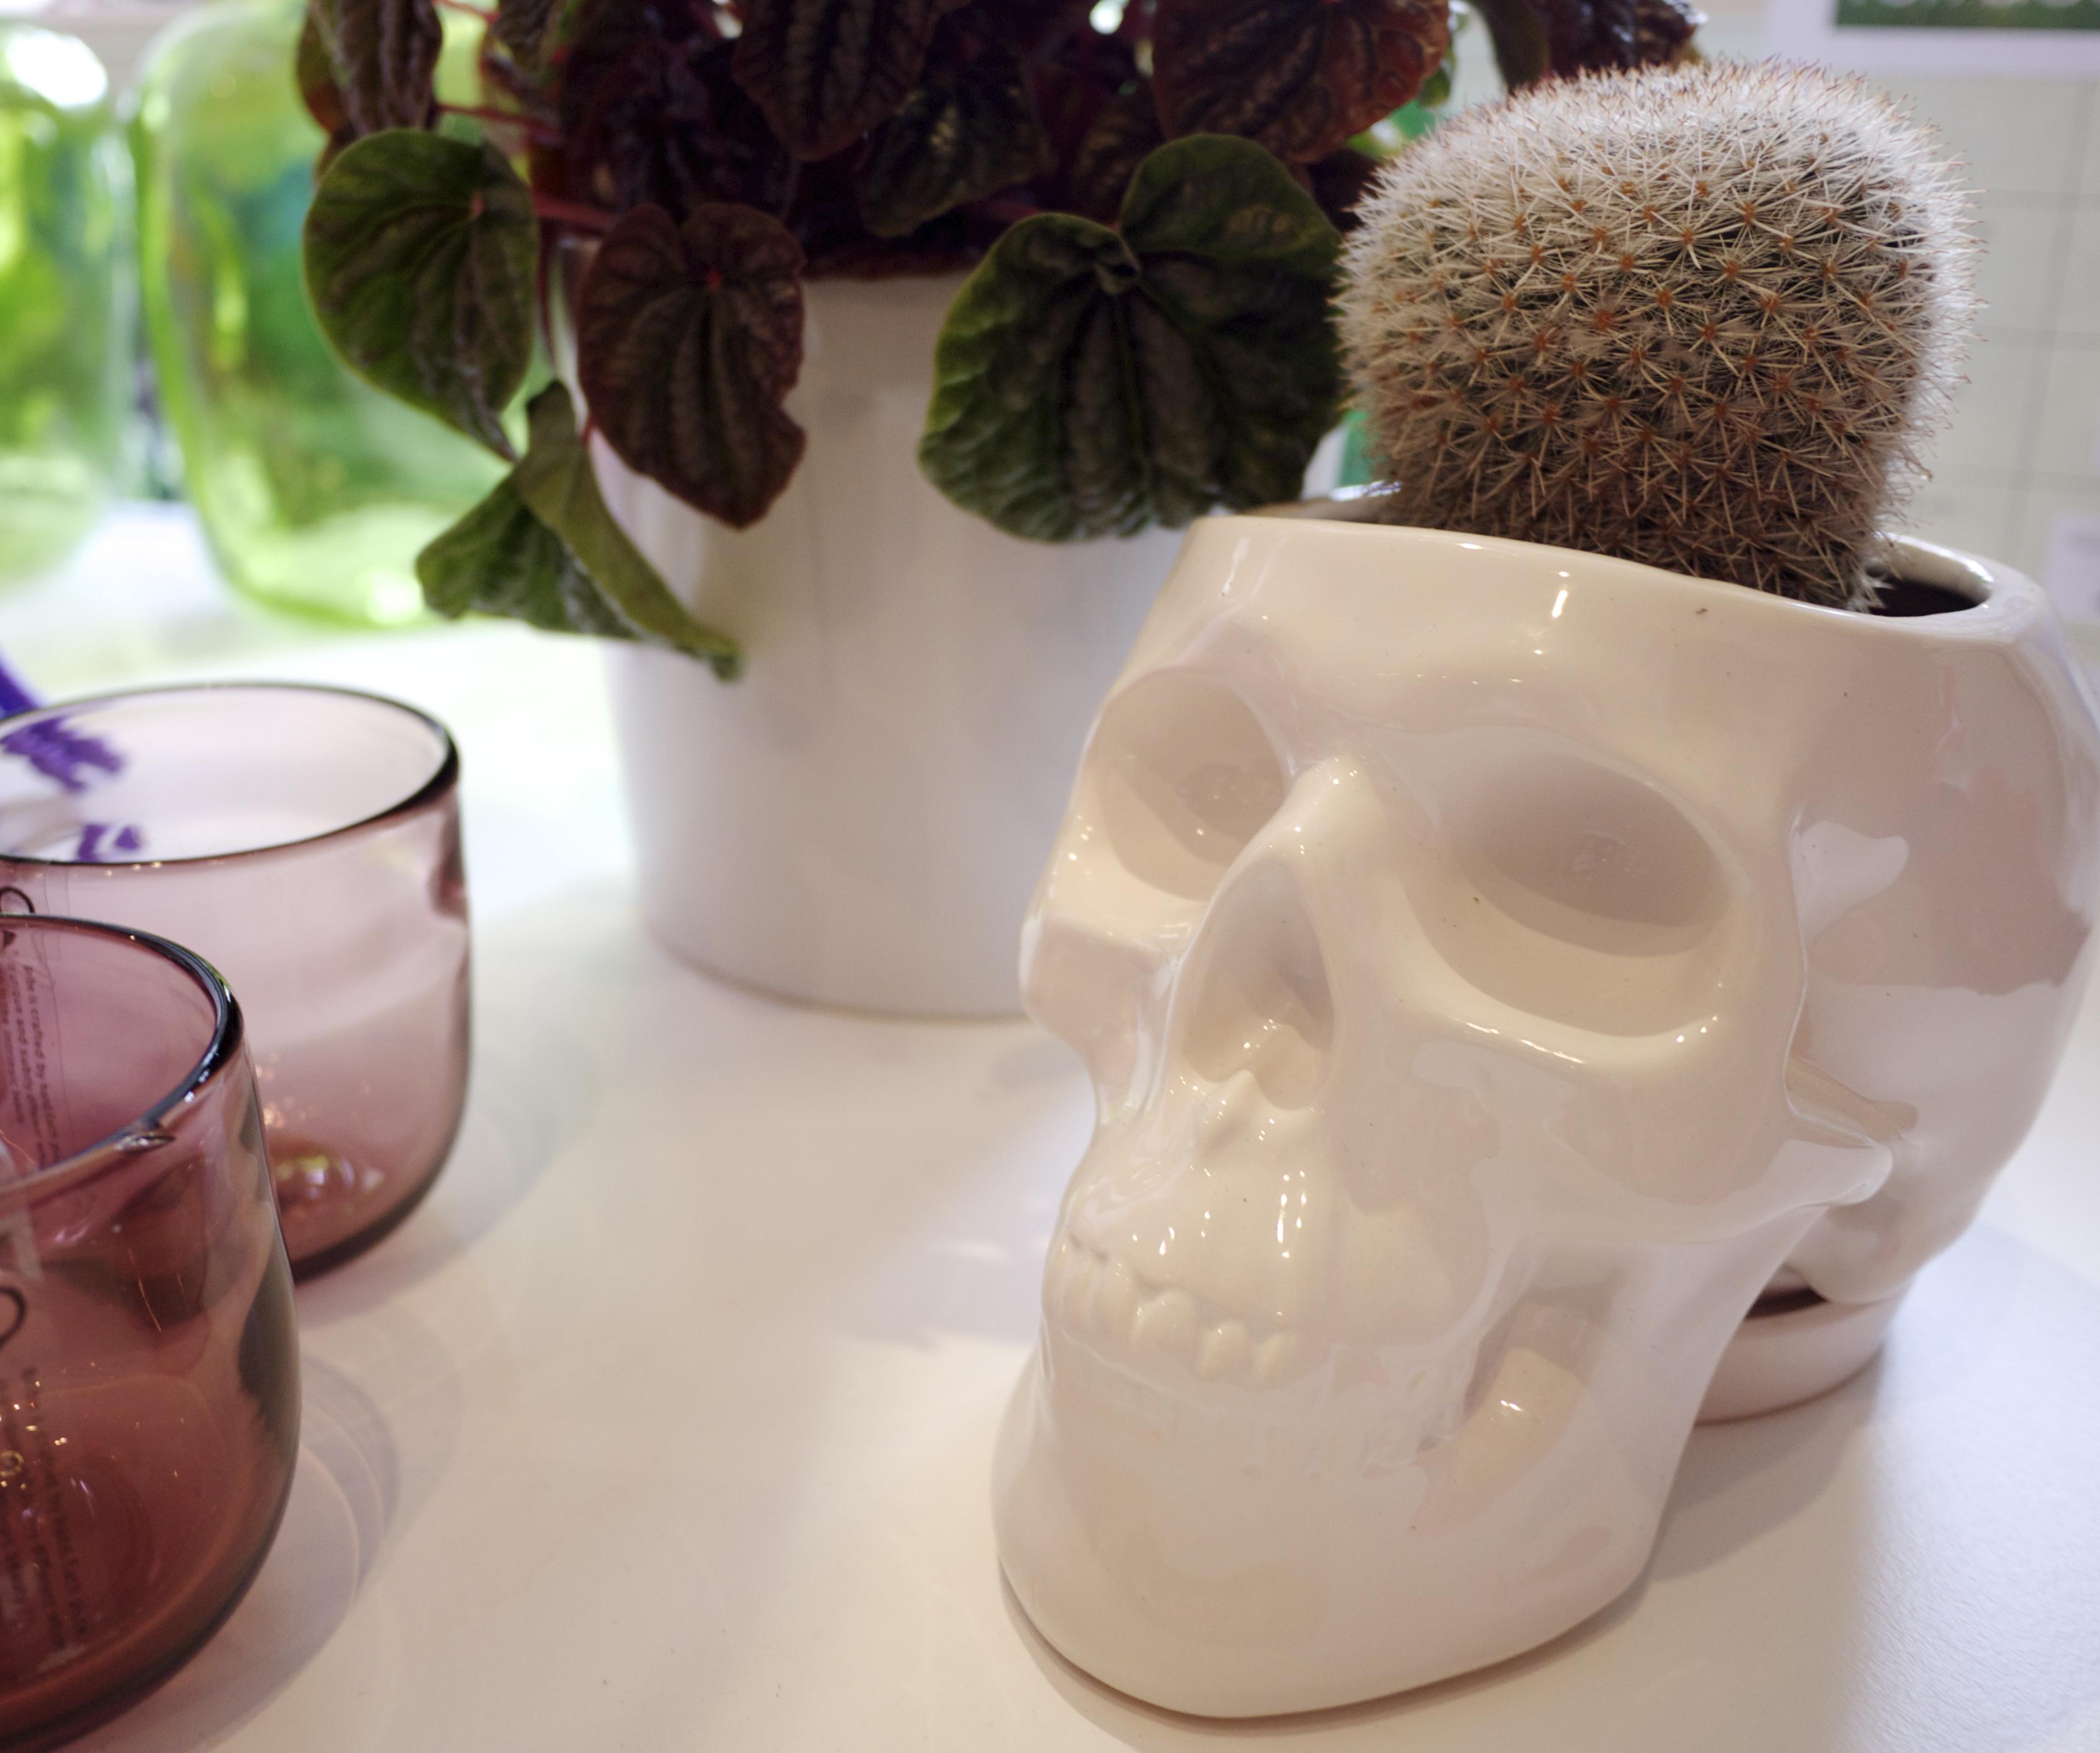 Terrace Outdoor Living - White Ceramic Skull Planter